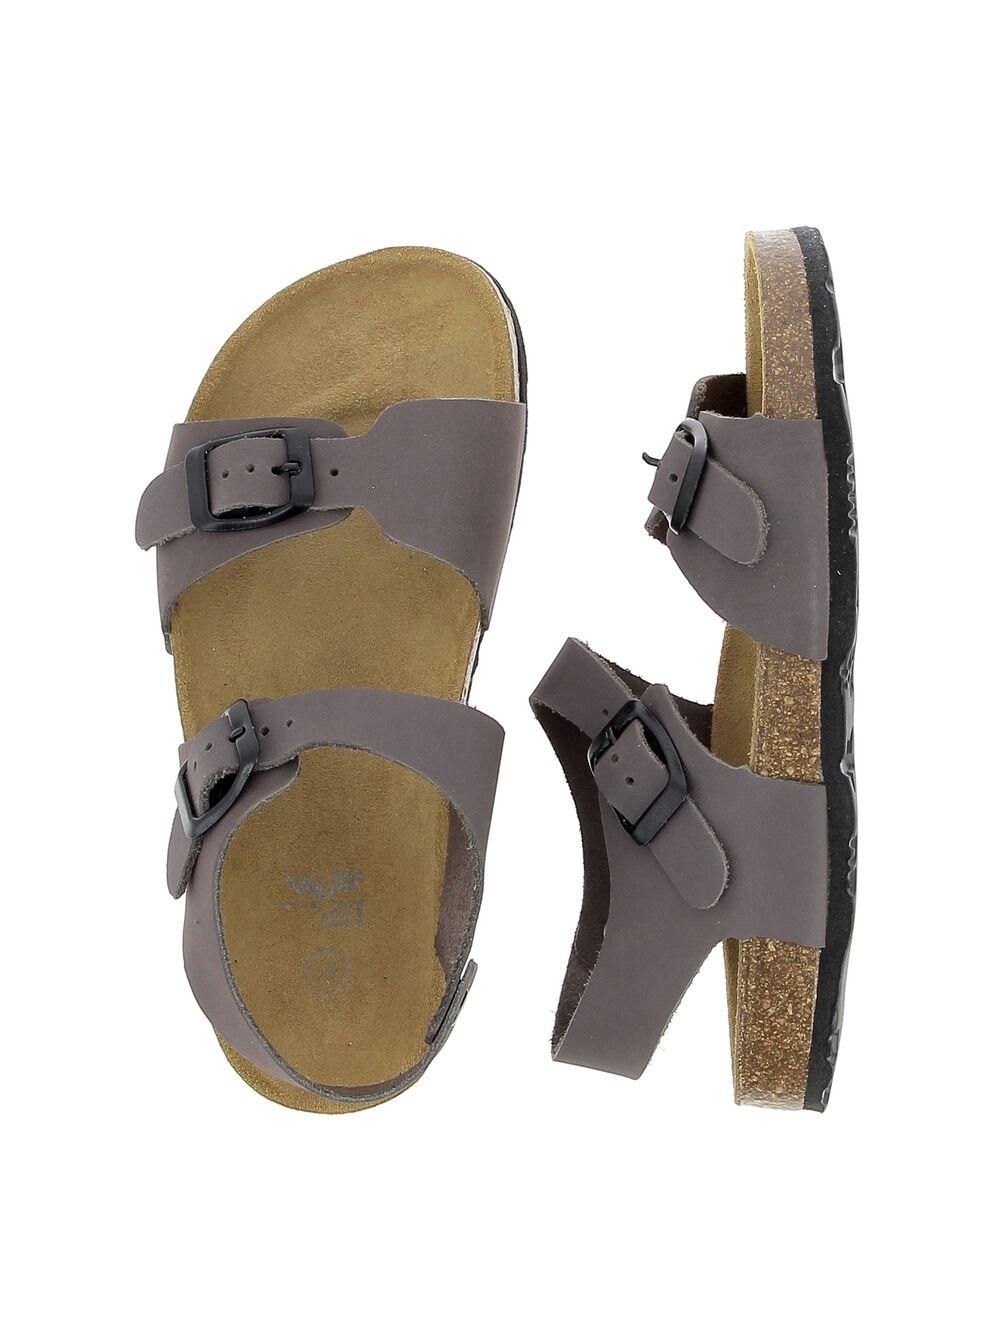 Cuir Garçon Garçon Sandale Sandale En En Cuir y0wvP8nmNO